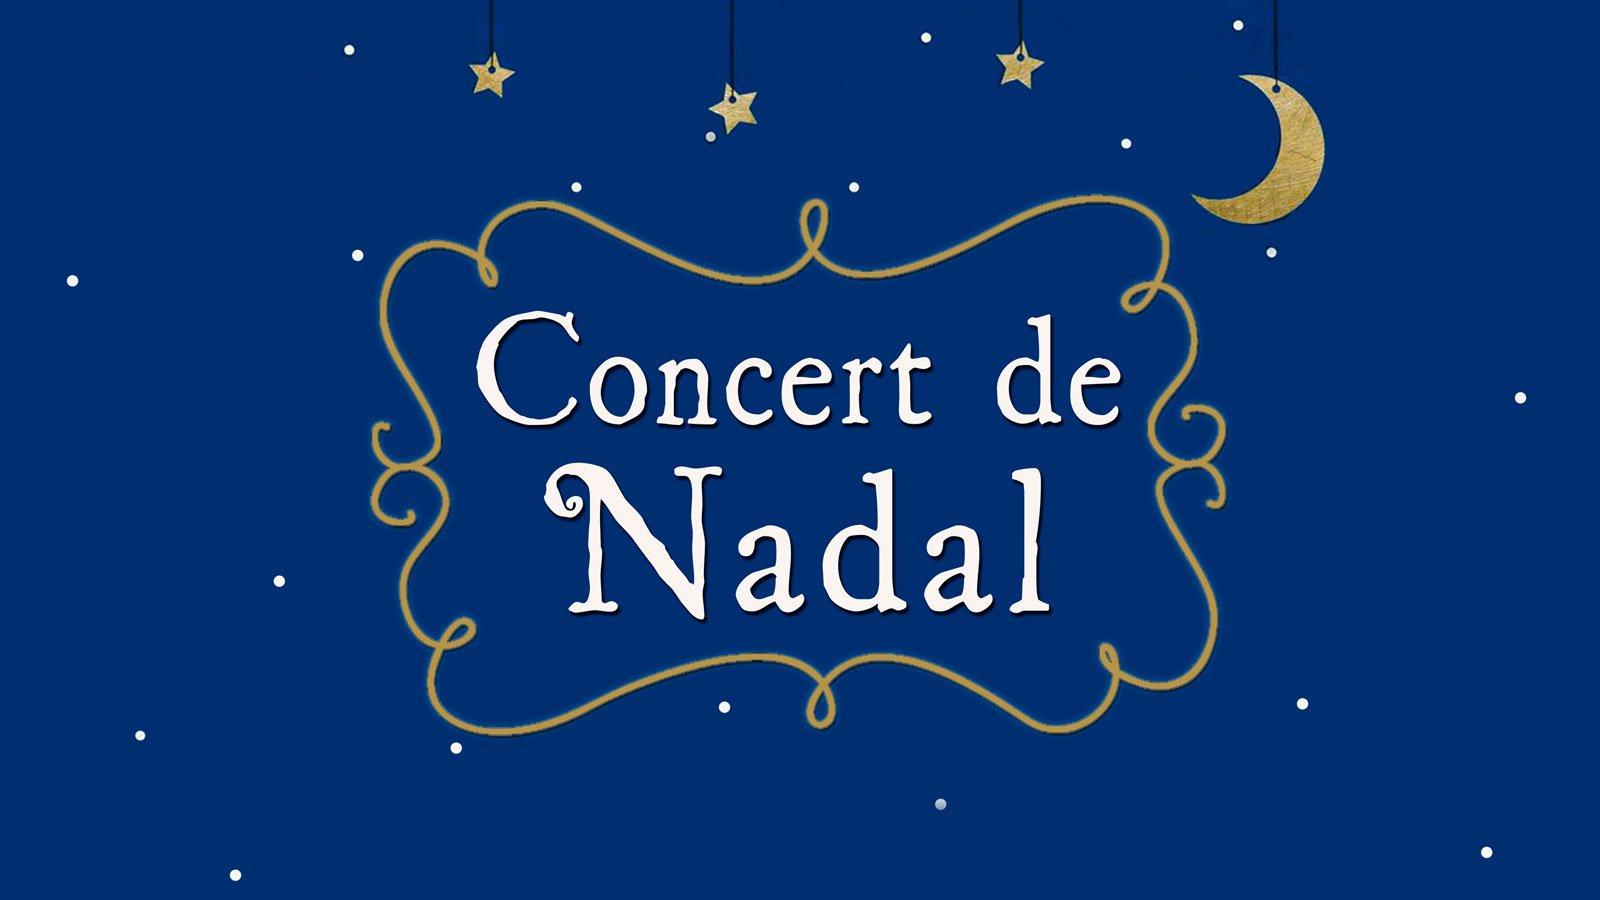 Concert de Nadal 2017